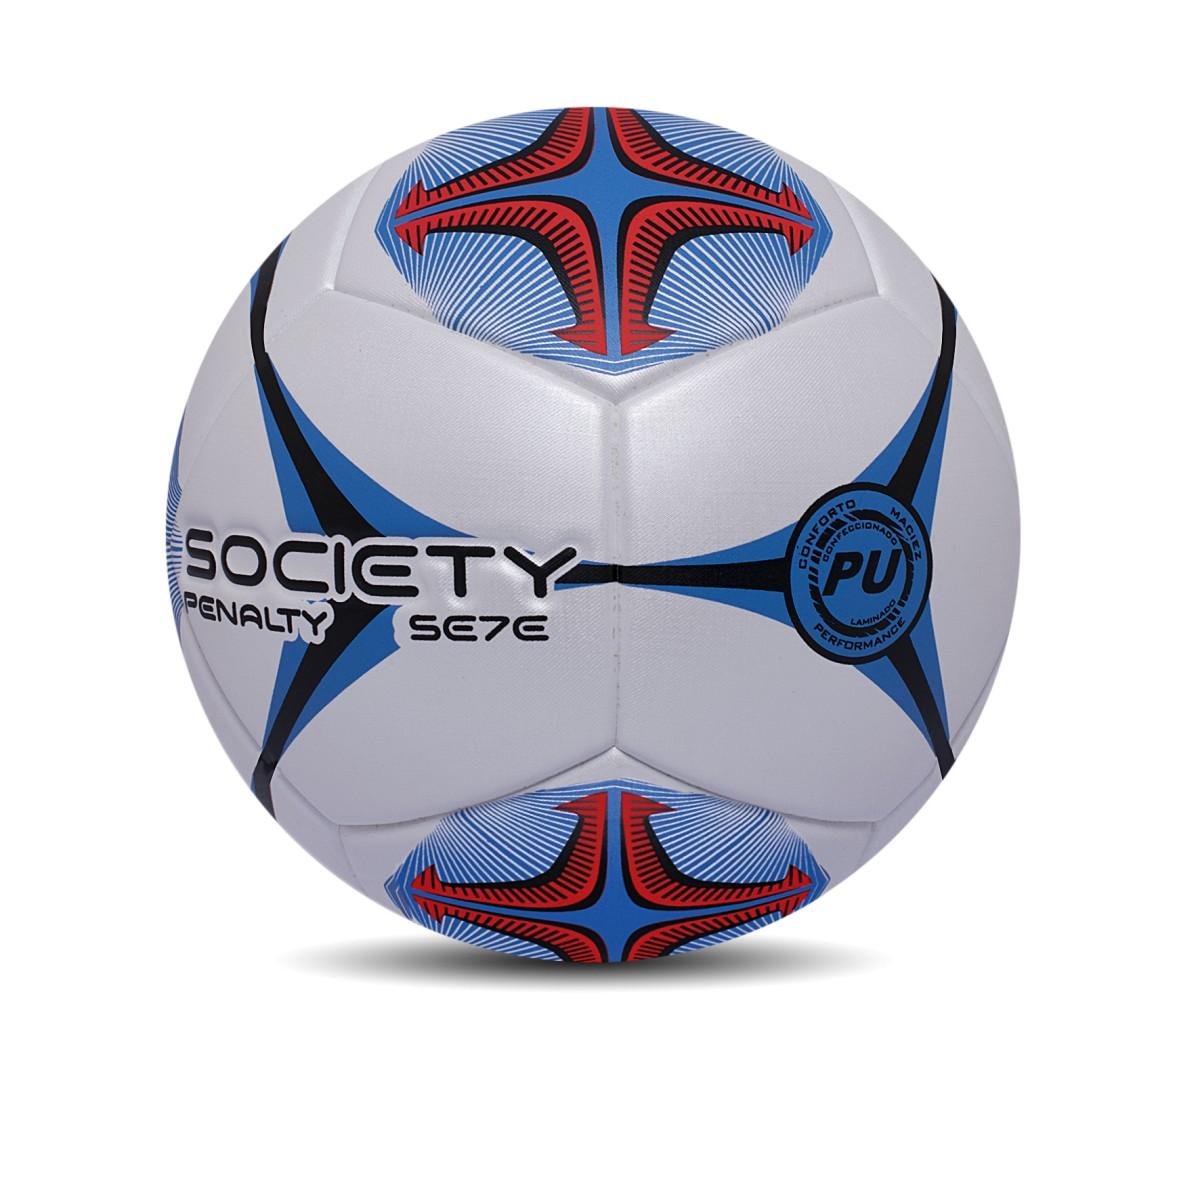 Foto 1 - Bola Penalty Society Se7e R2 Kickoff Branco, Preto e Azul